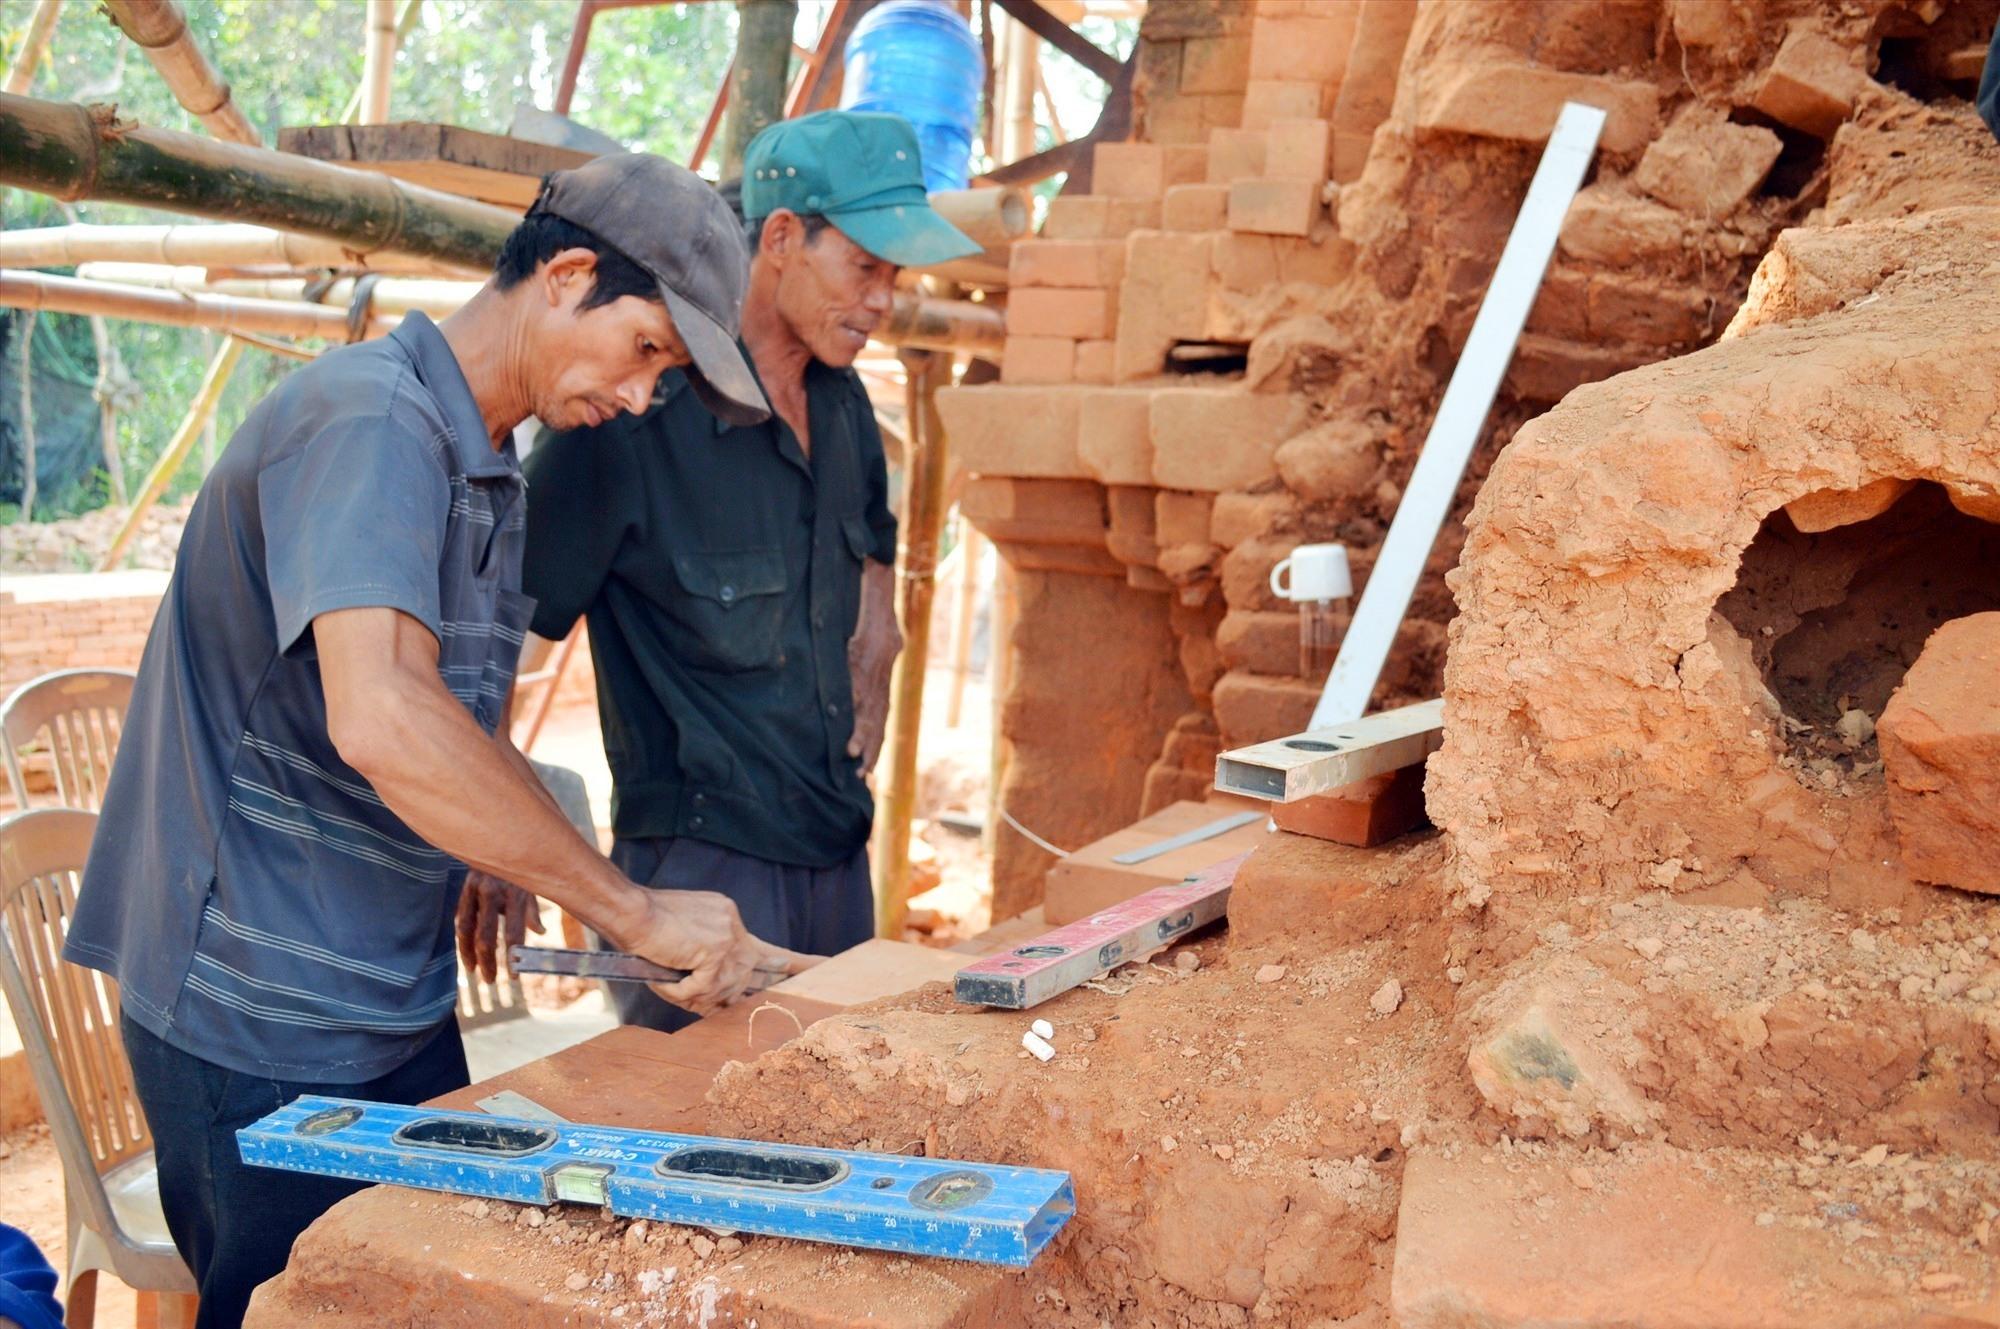 Dự án bảo tồn trùng tu nhóm tháp A do Chính phủ Ấn Độ hỗ trợ kinh phí sẽ kết thúc trong năm nay